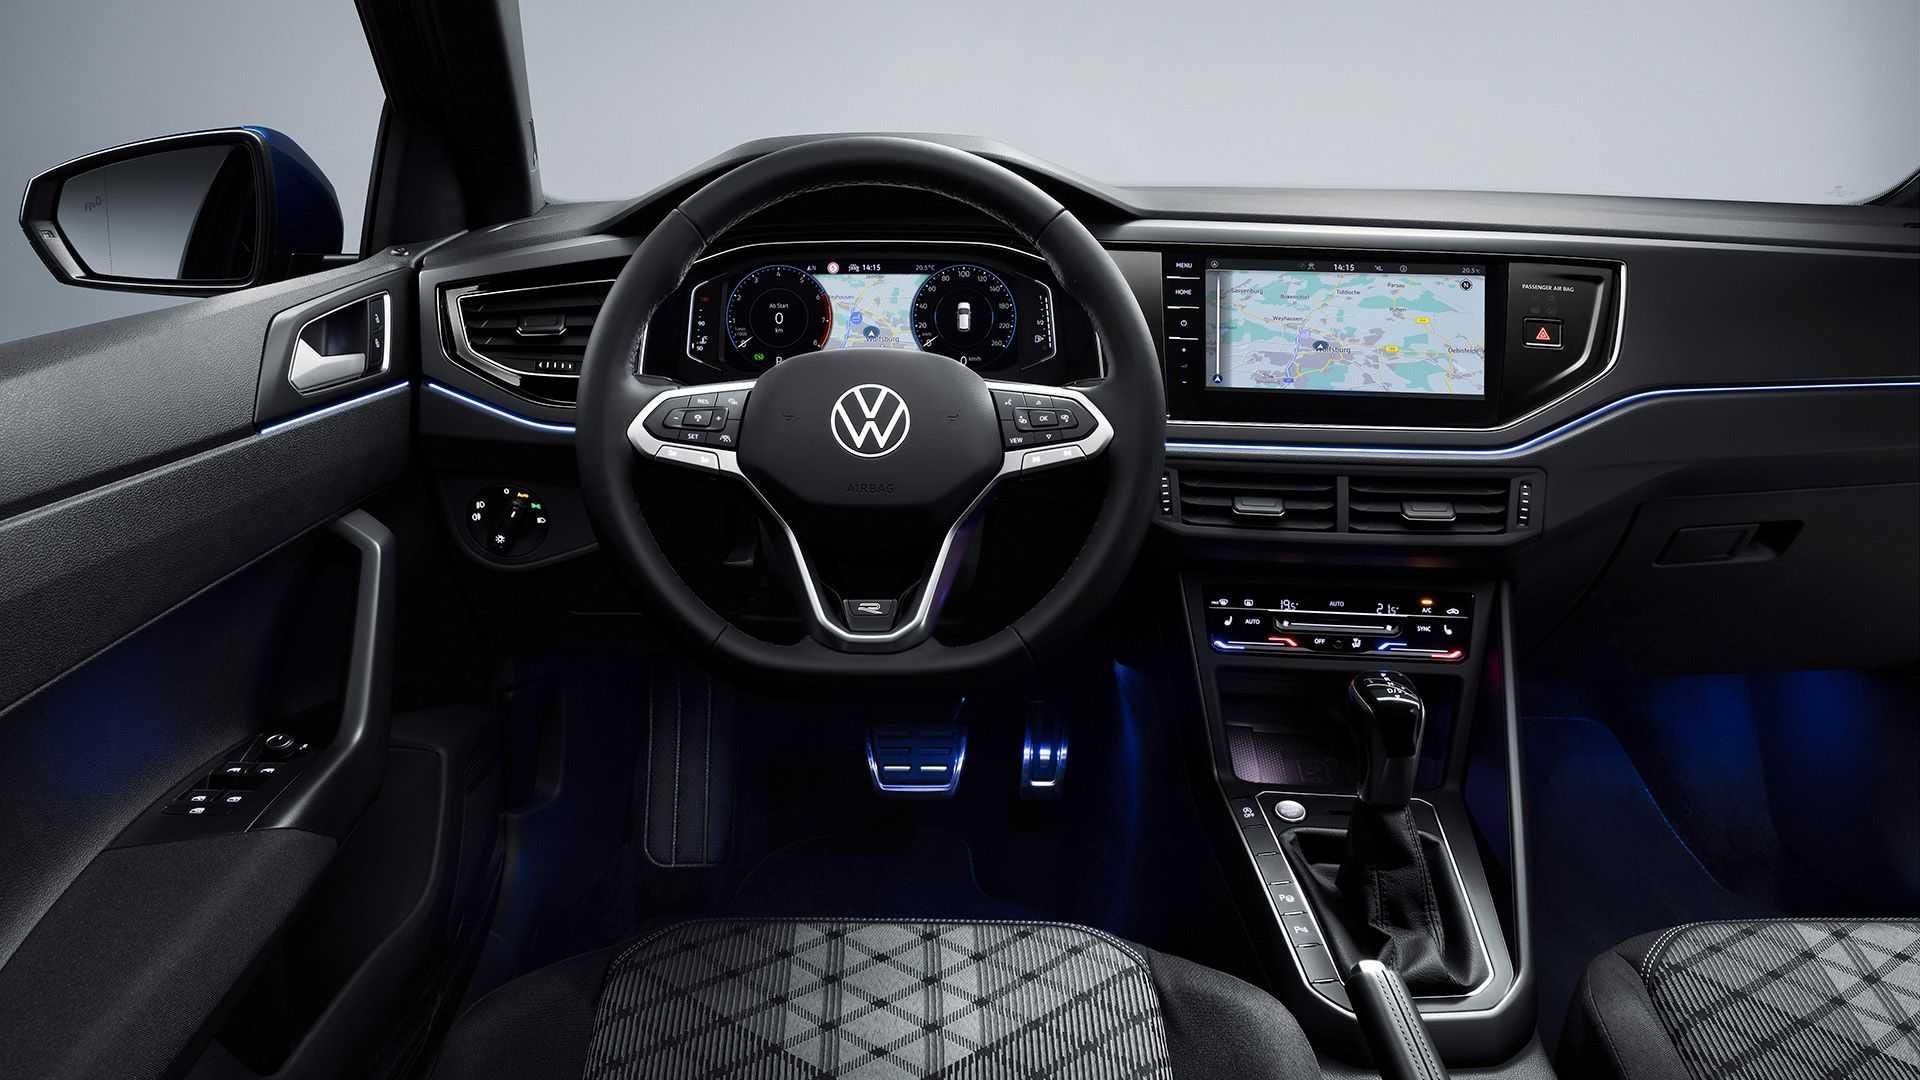 volkswagen-polo-2021-3.jpg